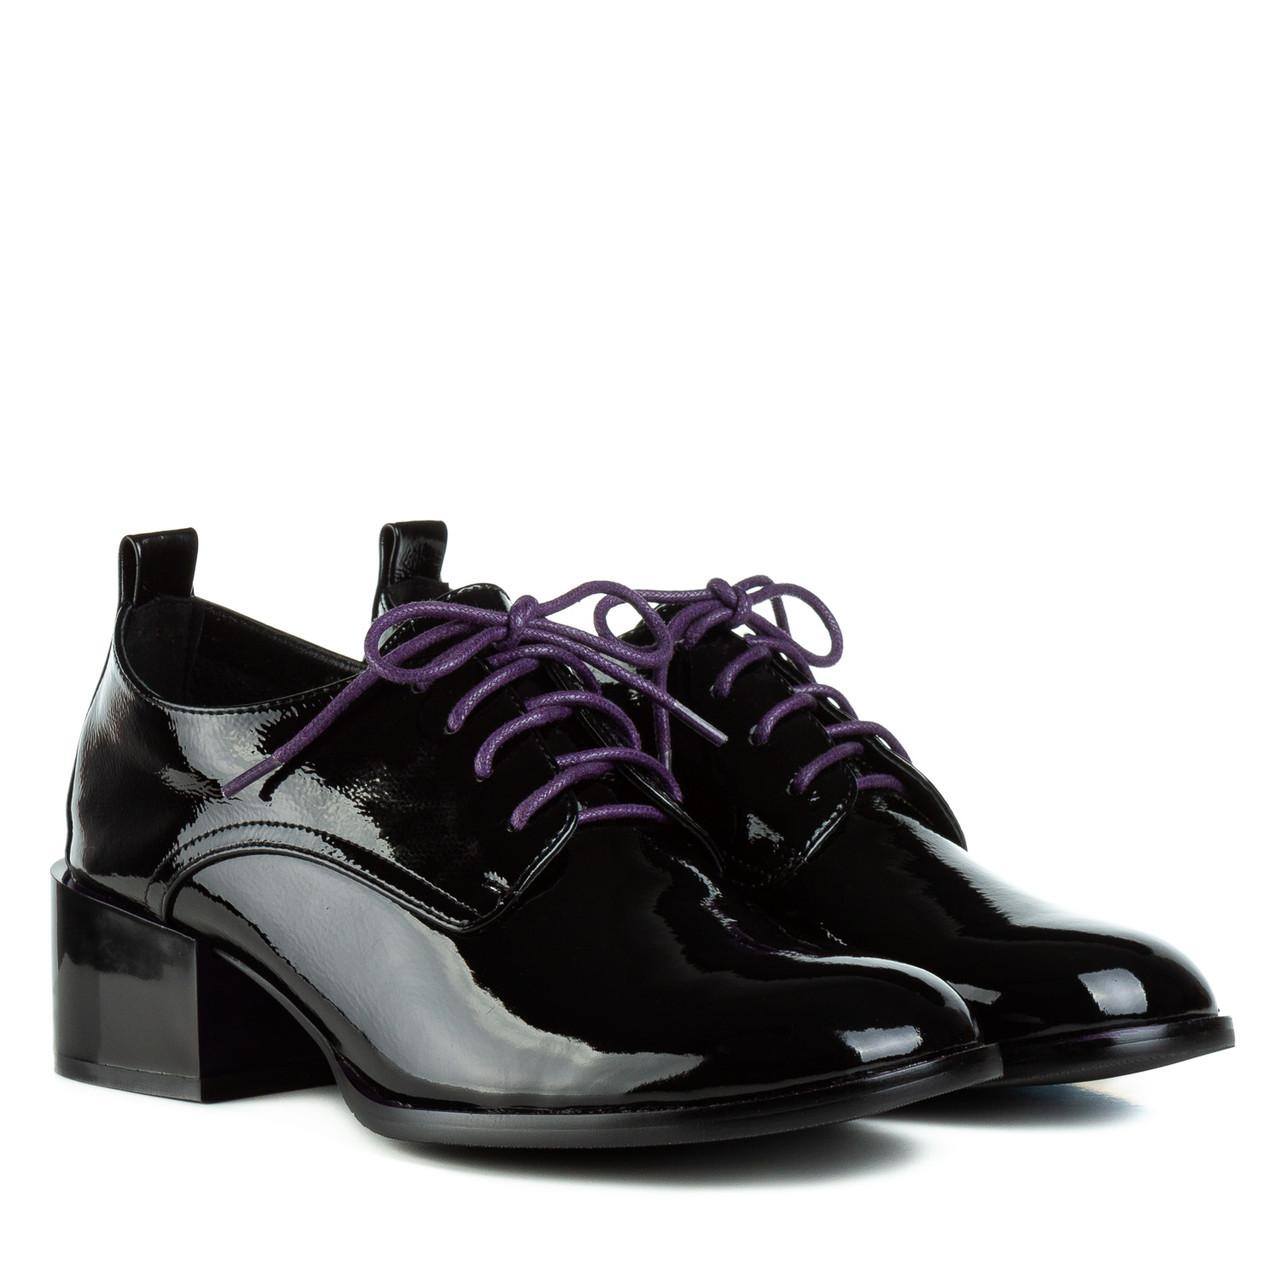 Туфли женские Geronea(кожаные, лакированные, черные с фиолетовыми шнурками)